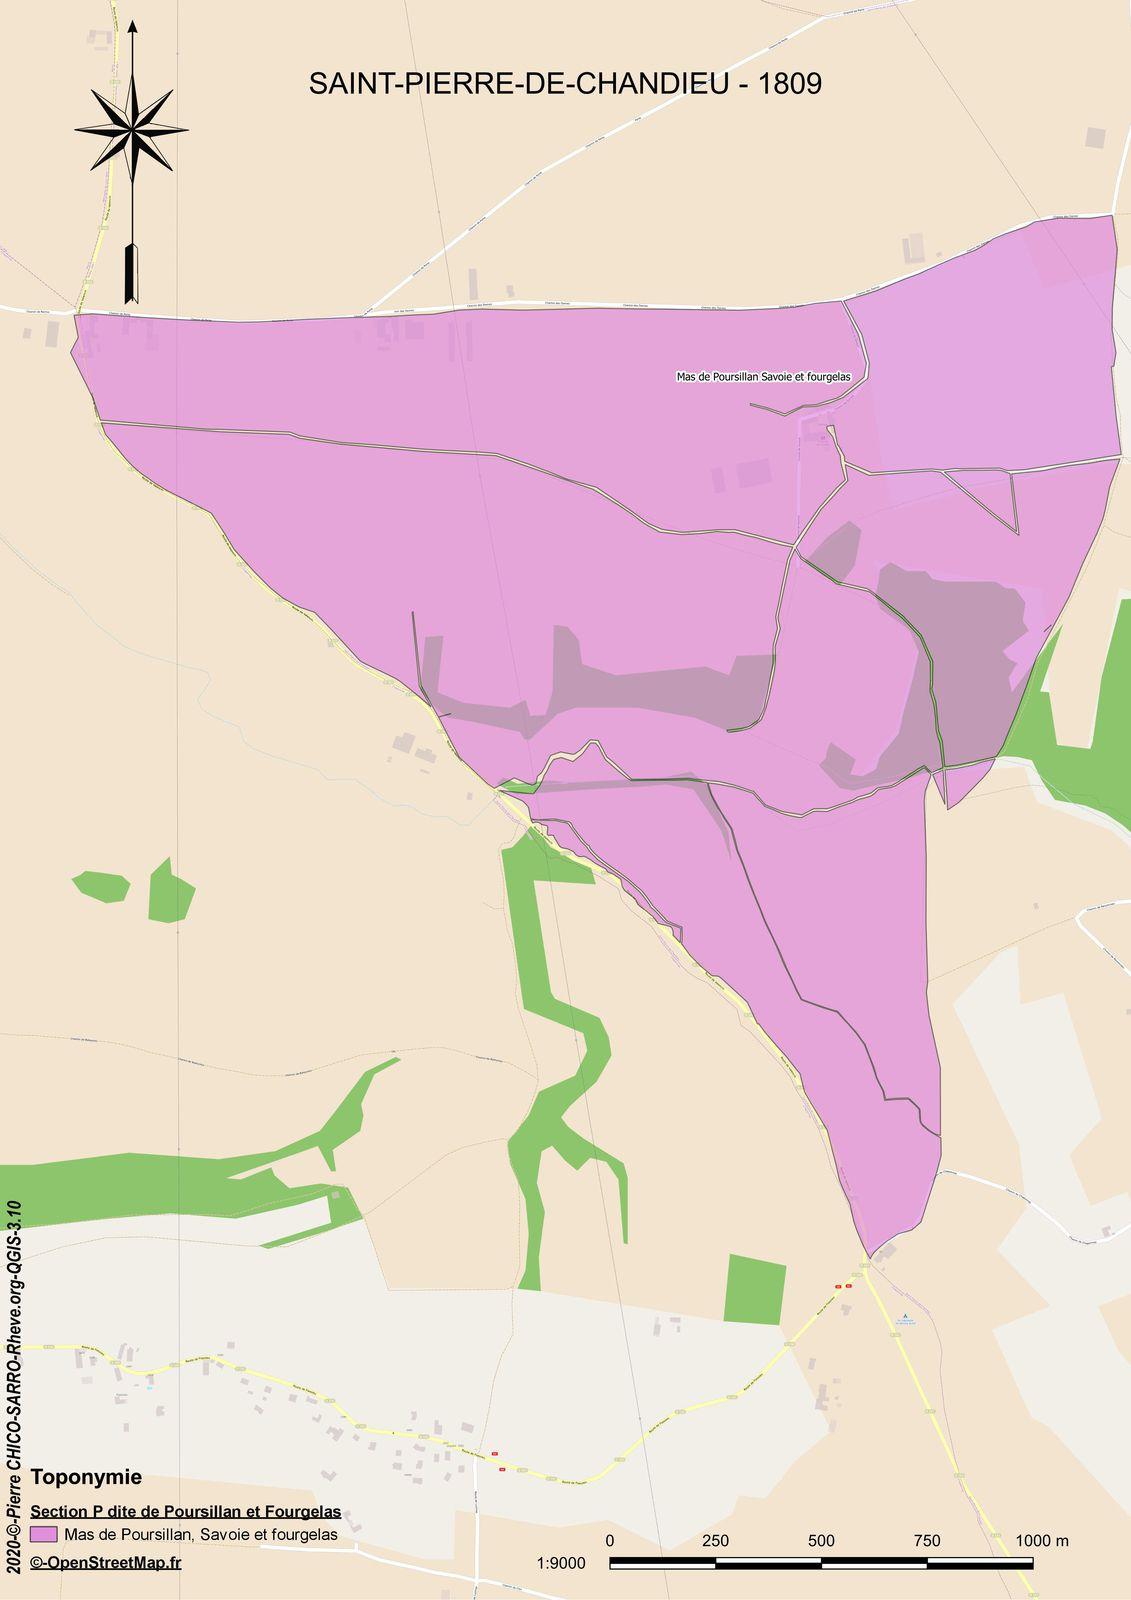 Carte de la localisation des toponymes de la section P dite de Poursillan et Fourgelas à Saint-Pierre-Chandieu en 1810